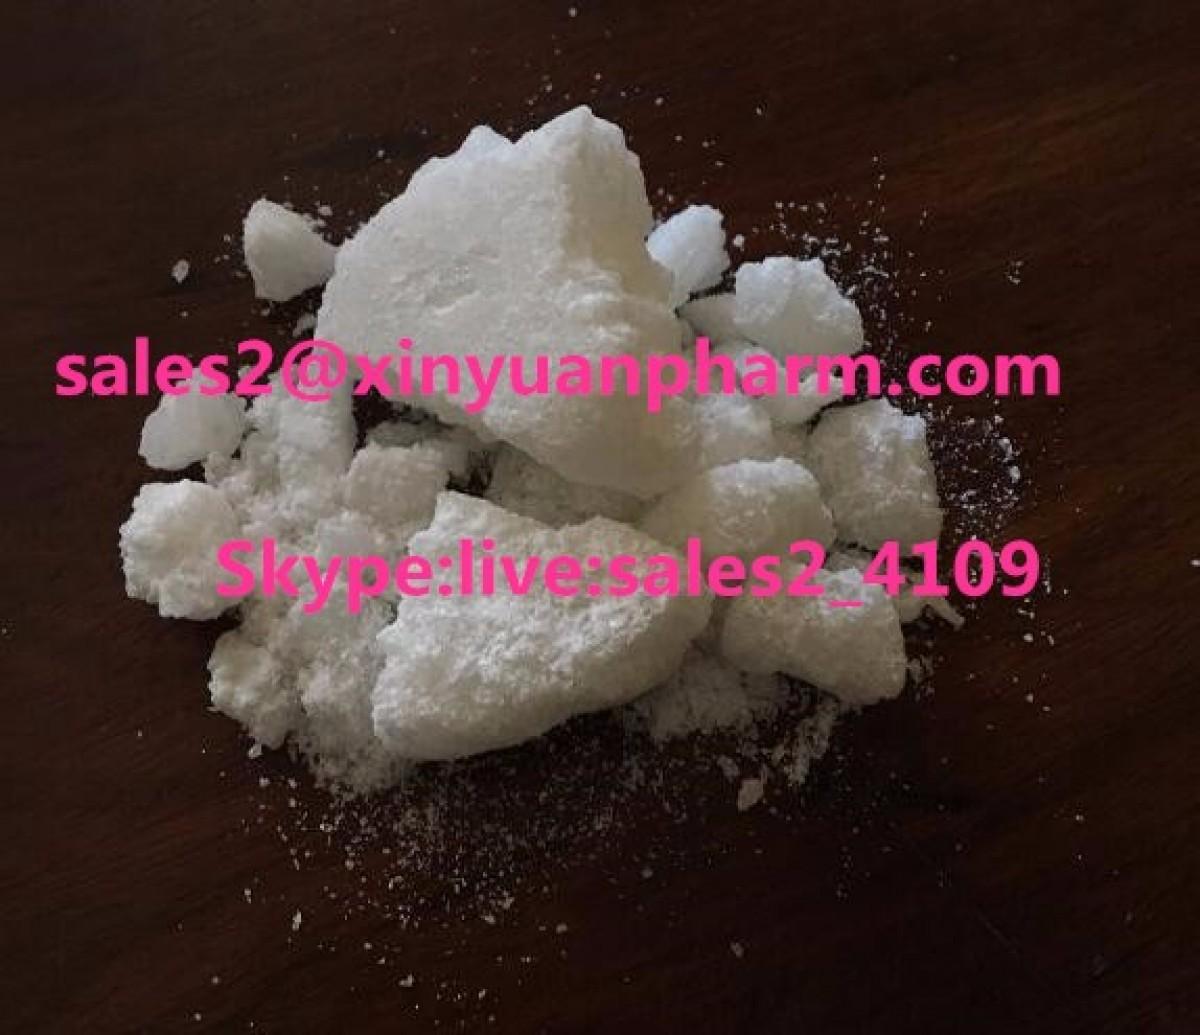 Buy goog quality hex-en hexen N-Ethyl-hexedrone 4cec 4emc crystal